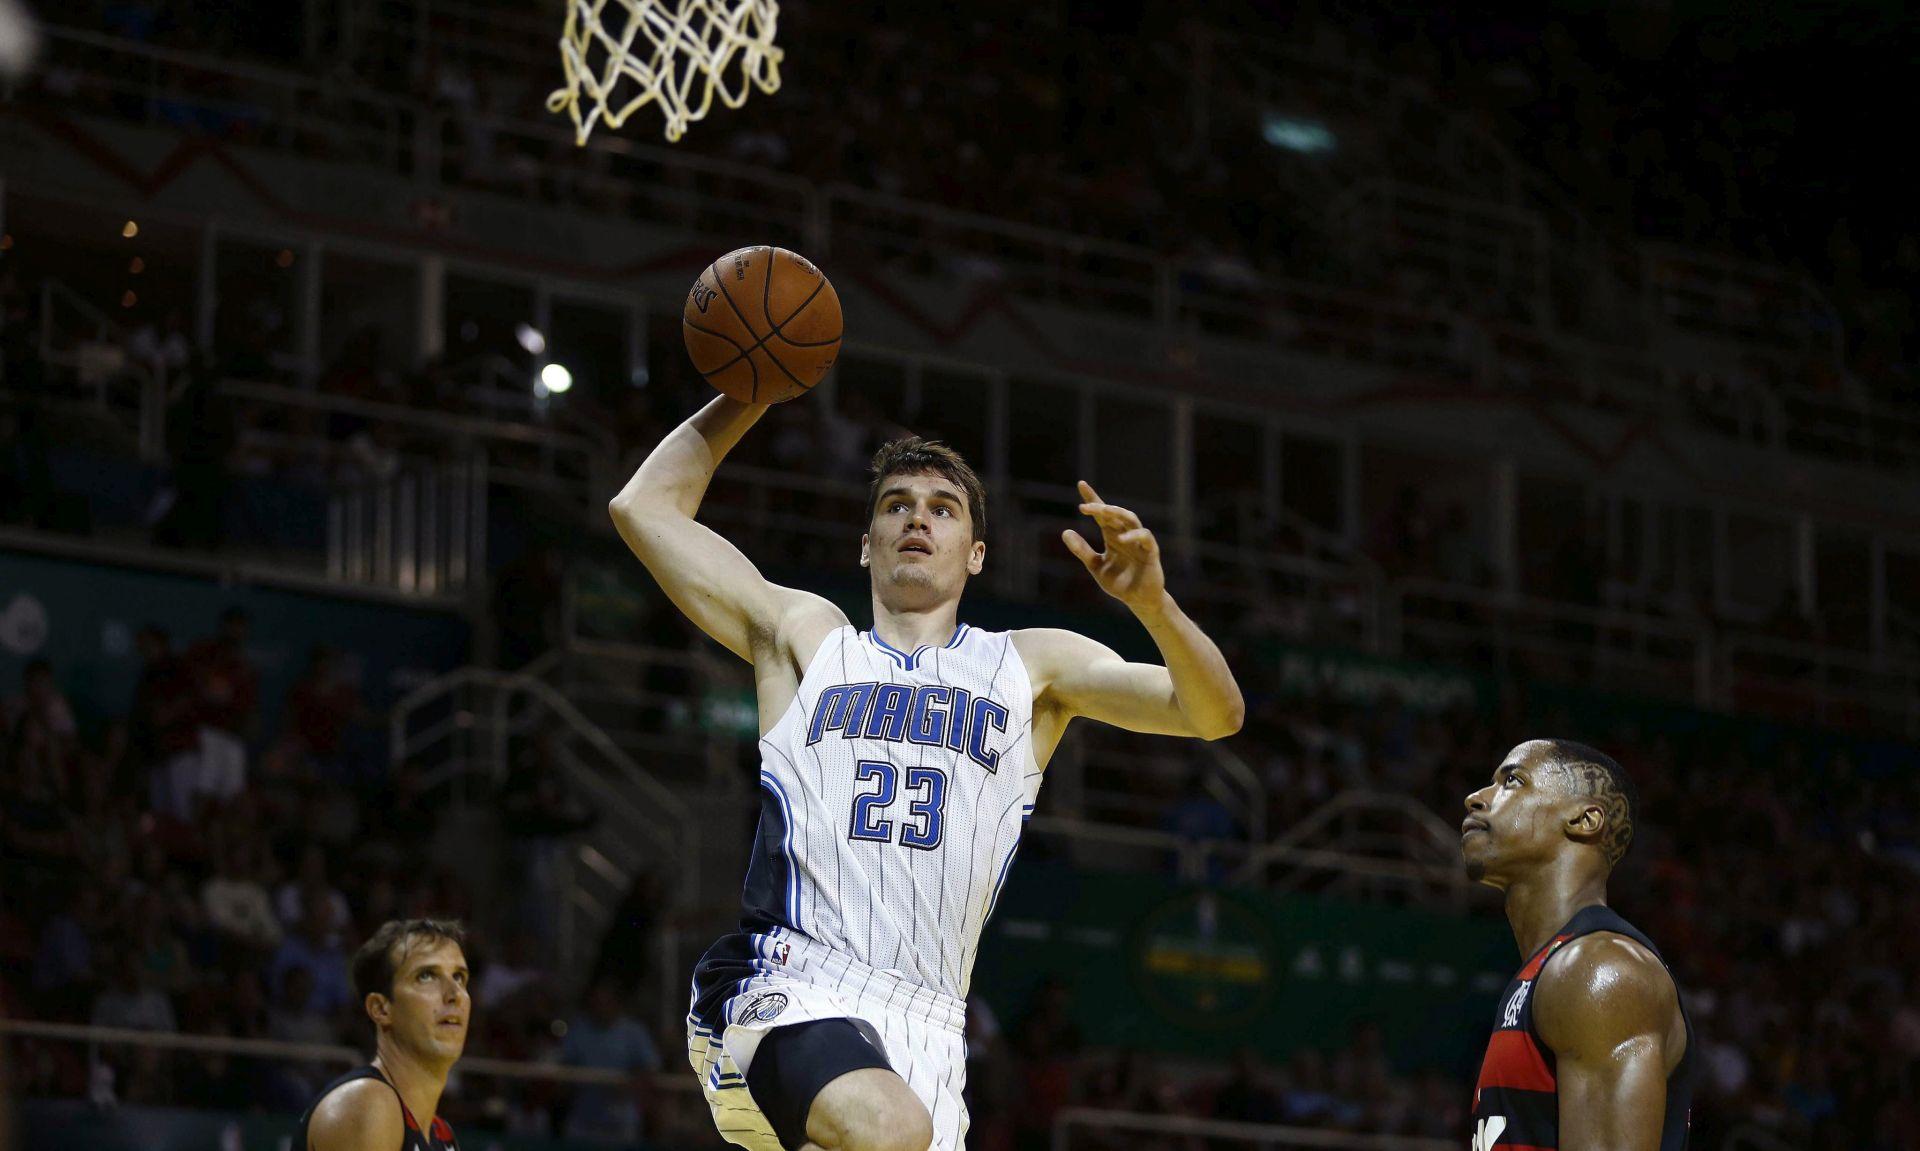 NBA: Pobjeda Portlanda, Hezonja ubacio pet koševa